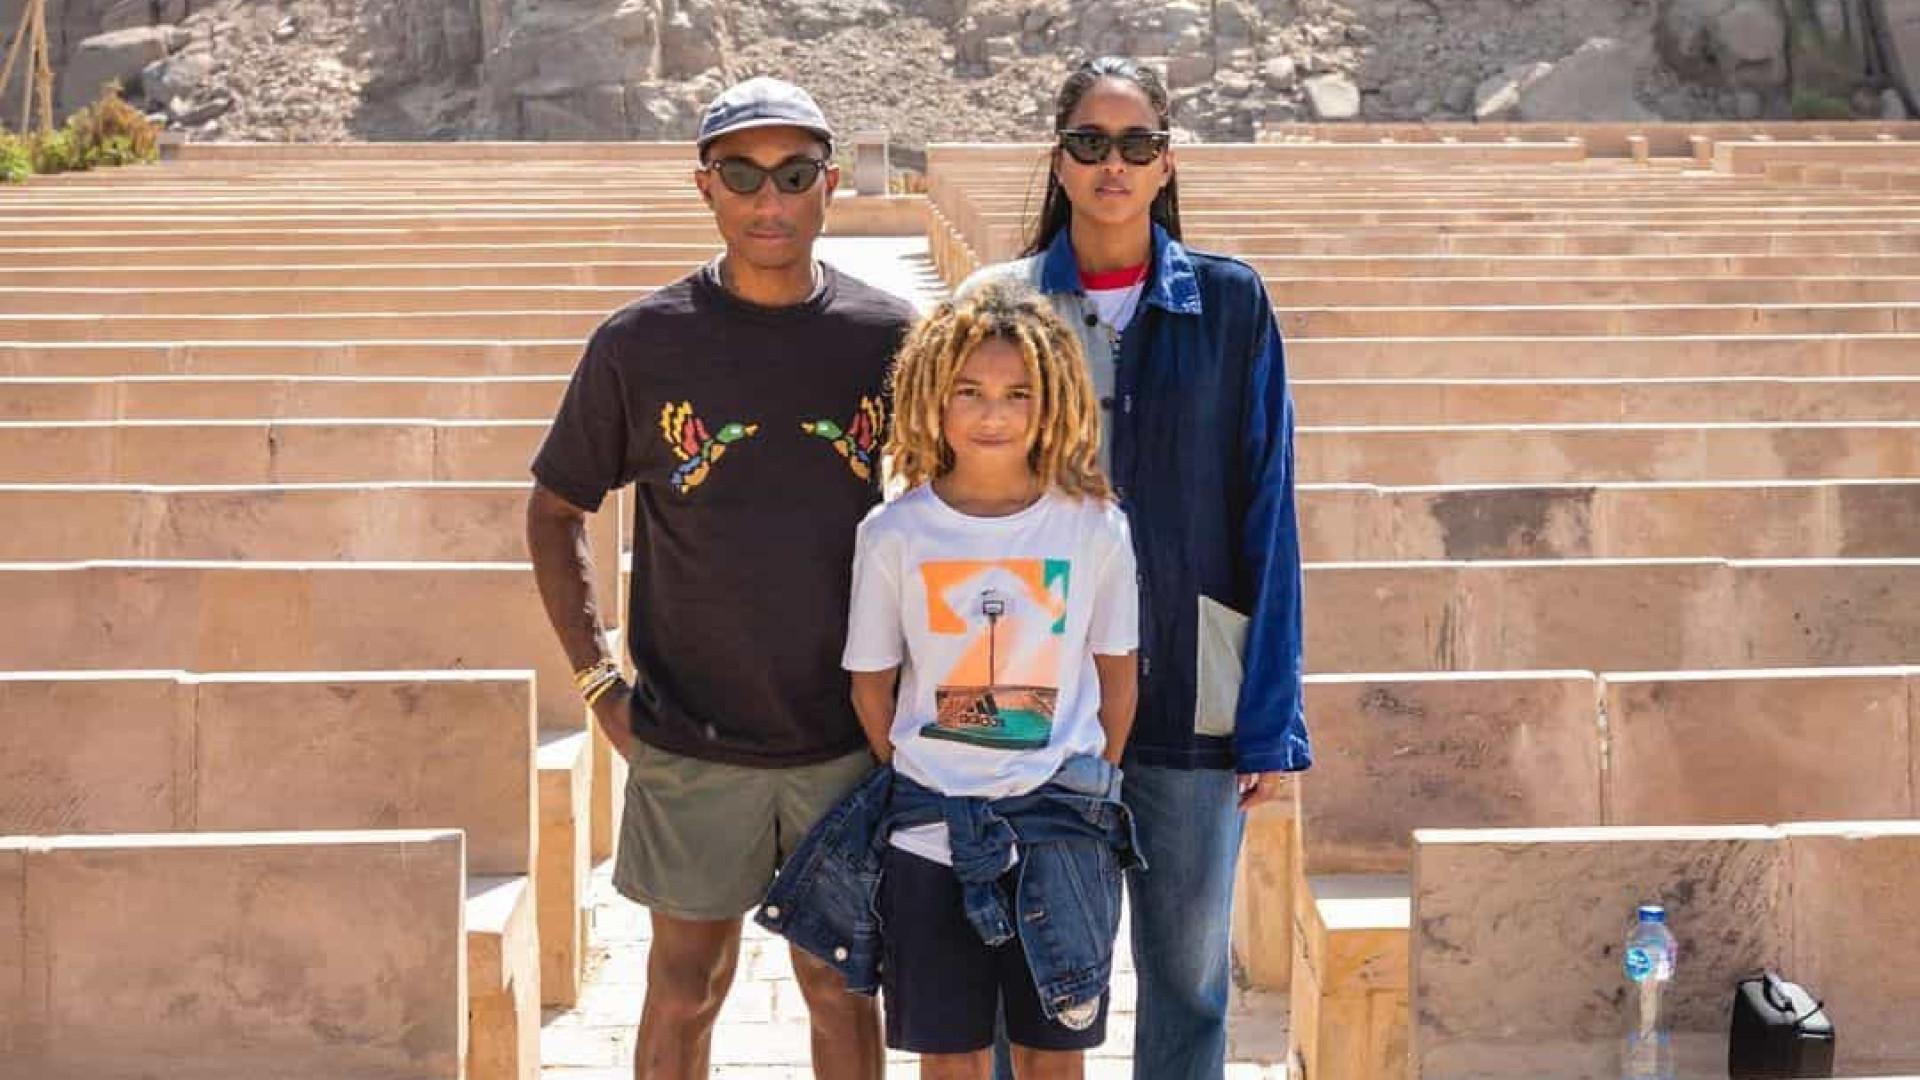 Pharrell Williams partilha rara fotografia com mulher e filho mais velho